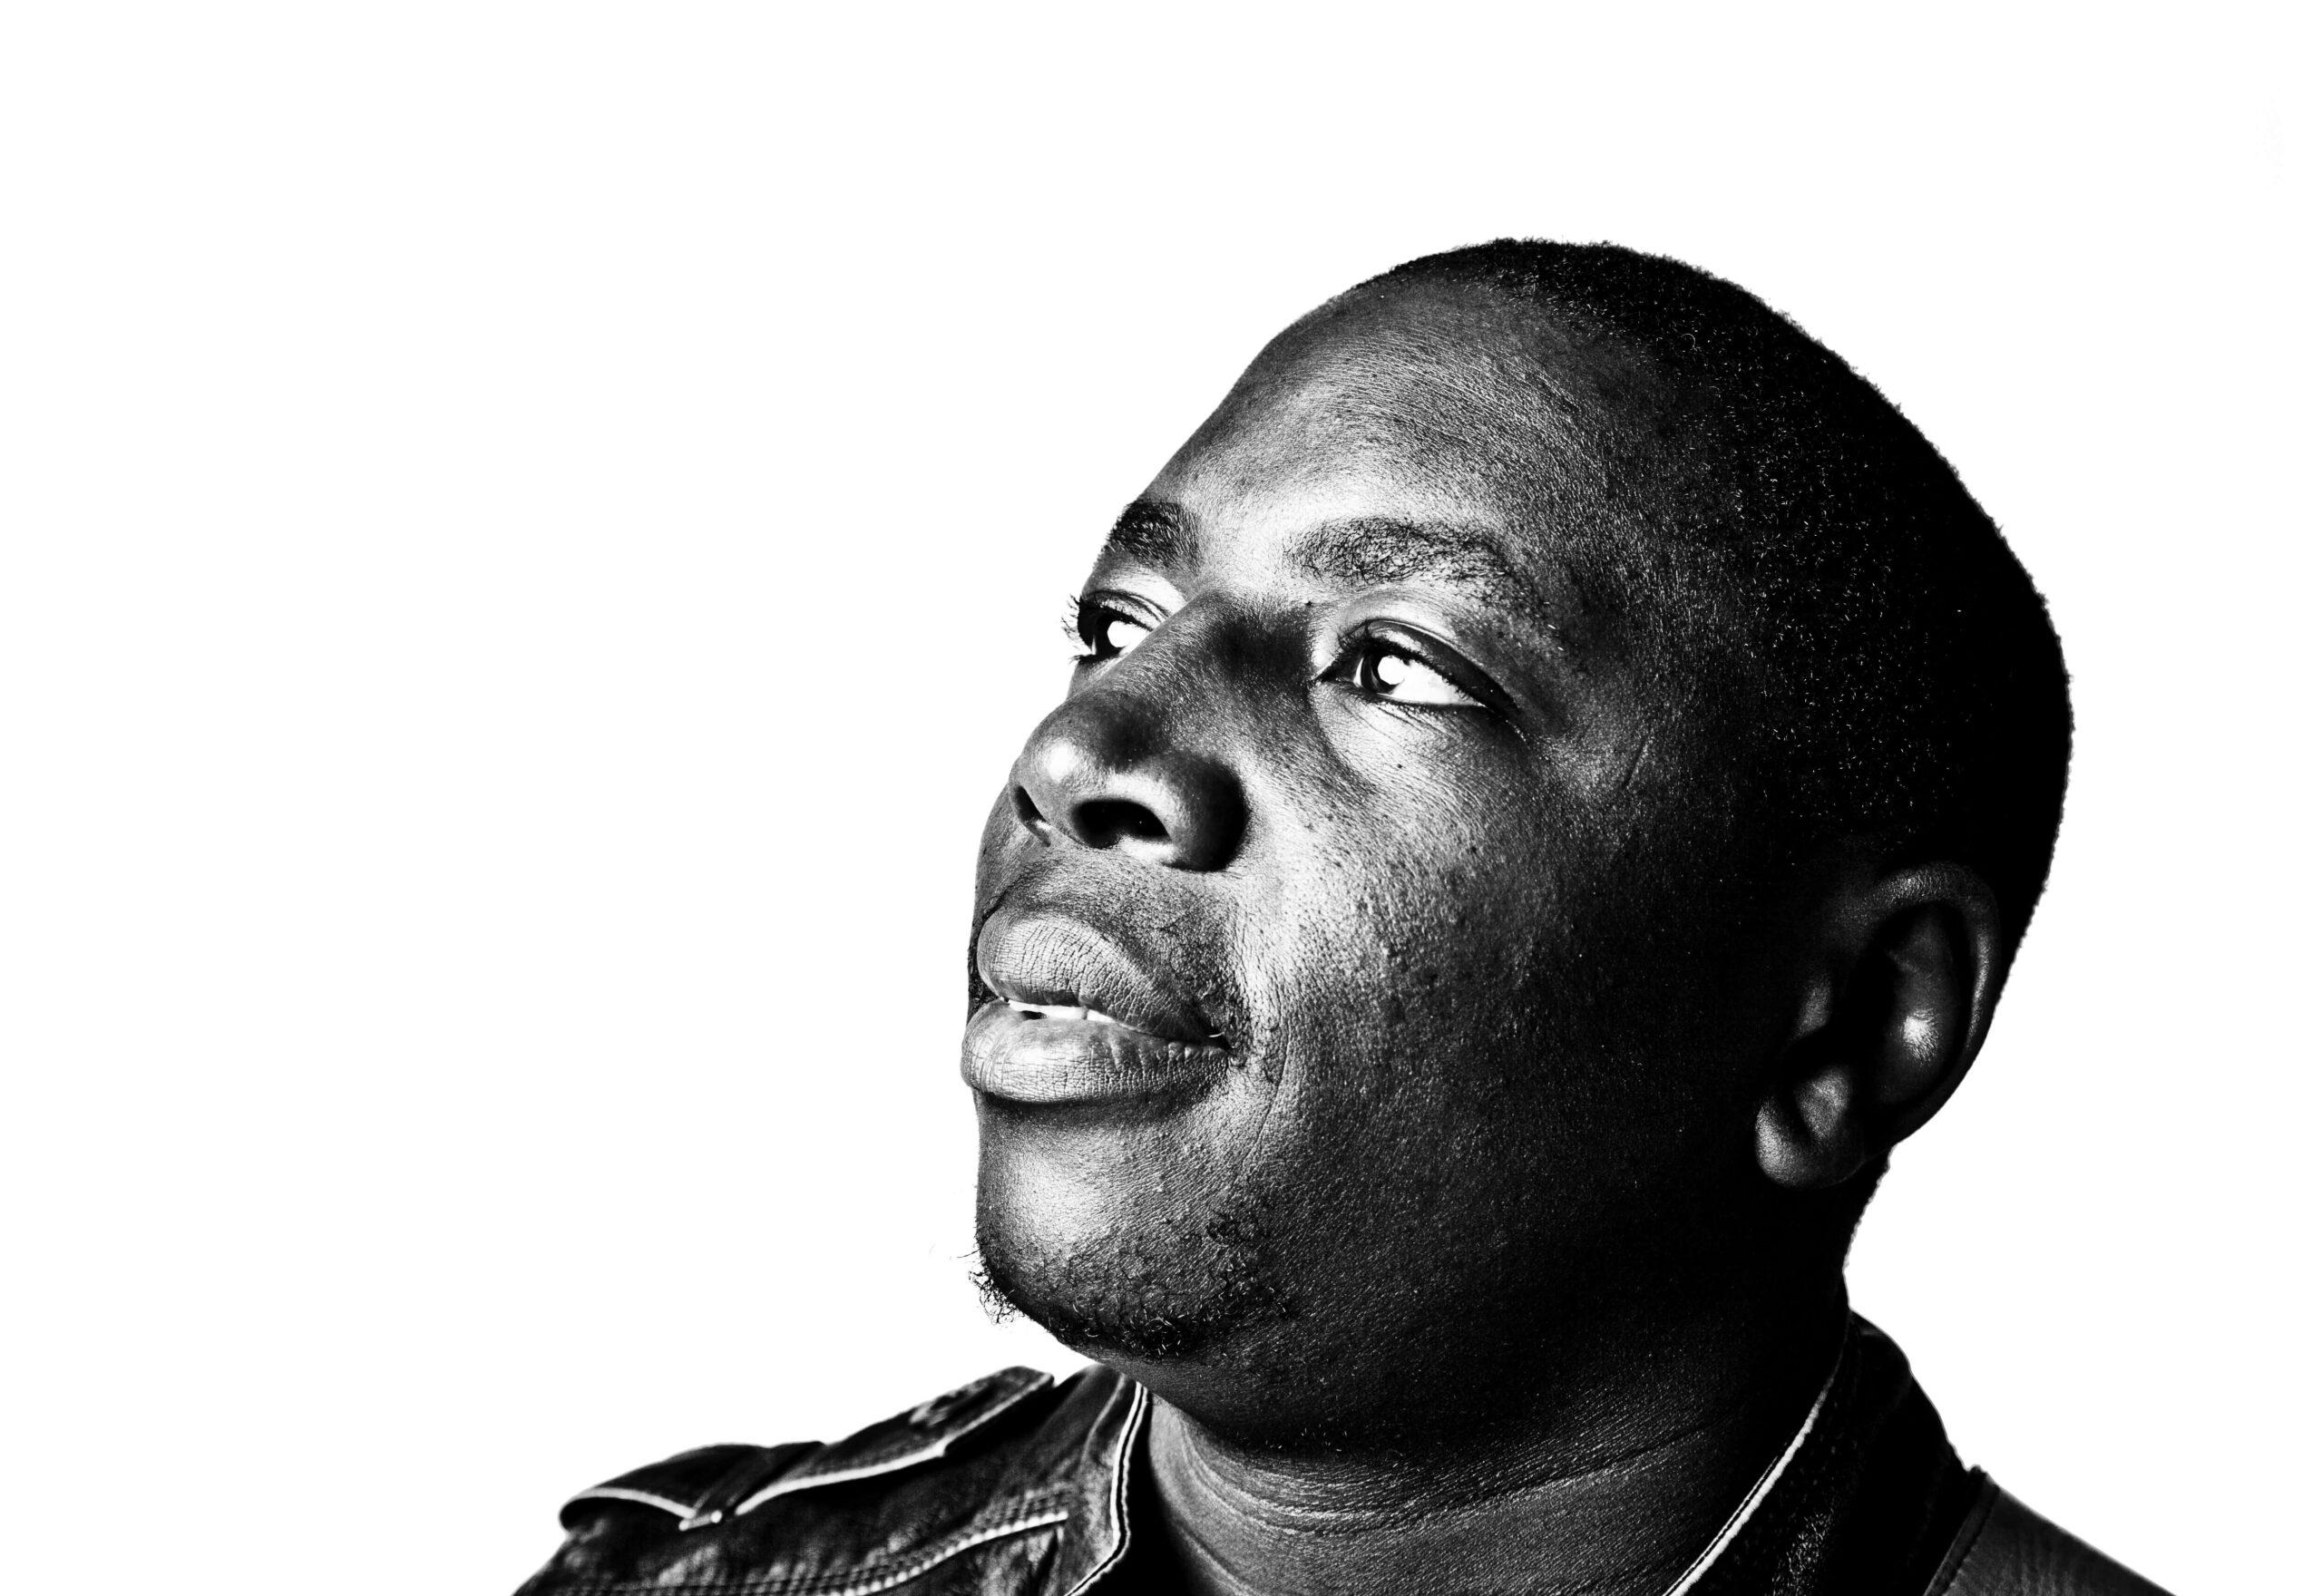 Vieux Farka Touré Booking Agent